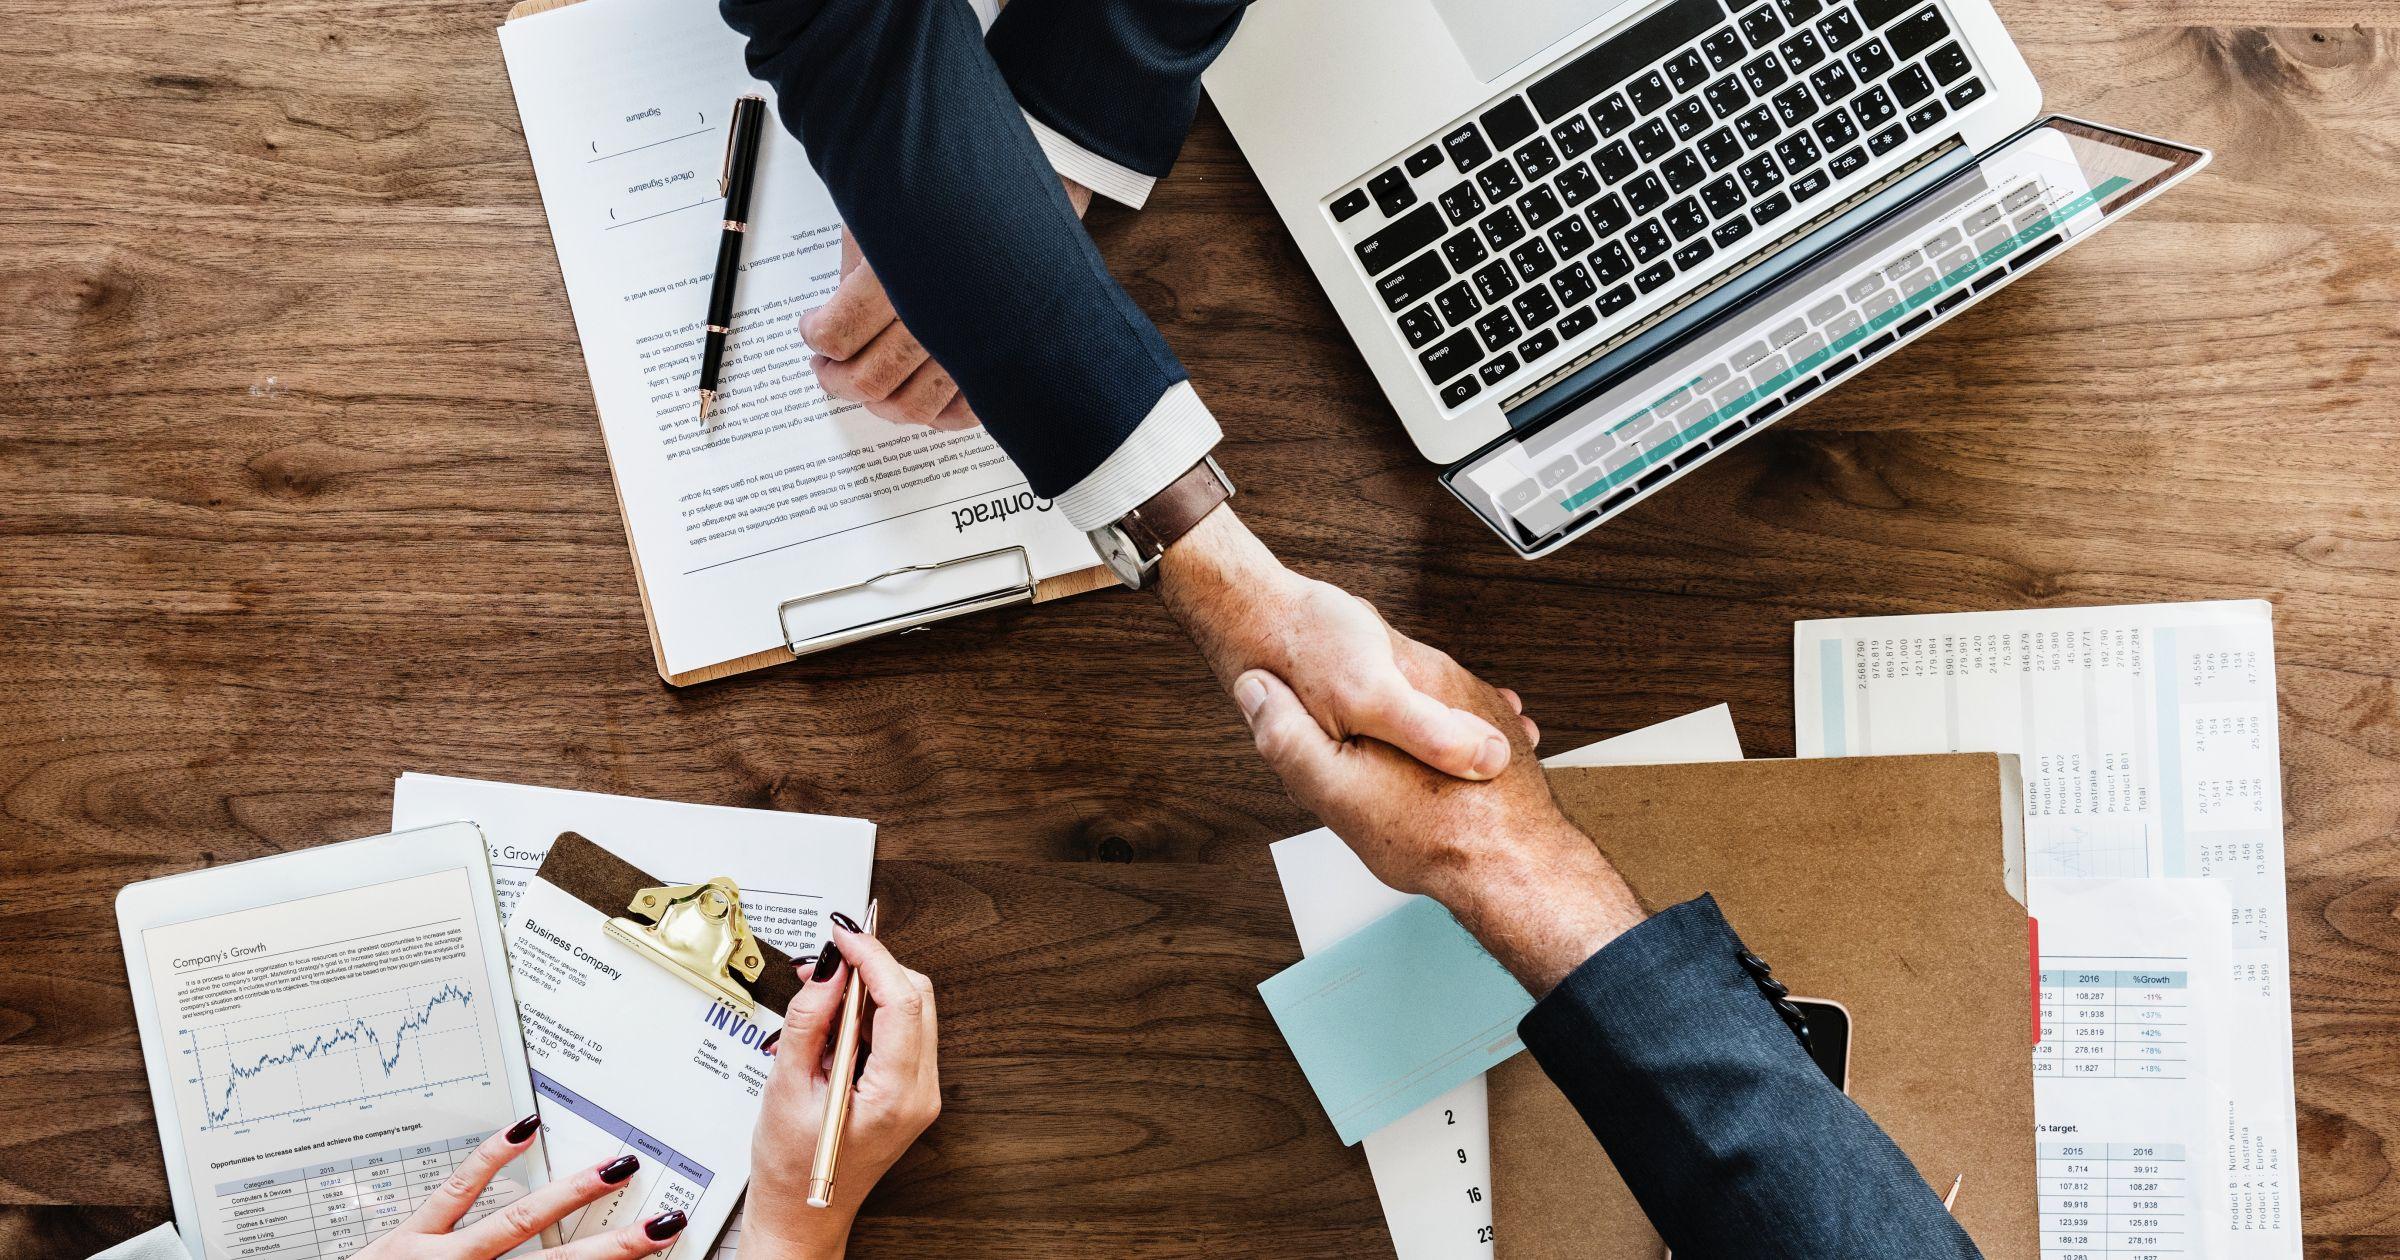 Phương pháp thầu nhân lực giúp doanh nghiệp sử dụng hiệu quả chi phí nhân sự của mình - BPO Solution khuyên